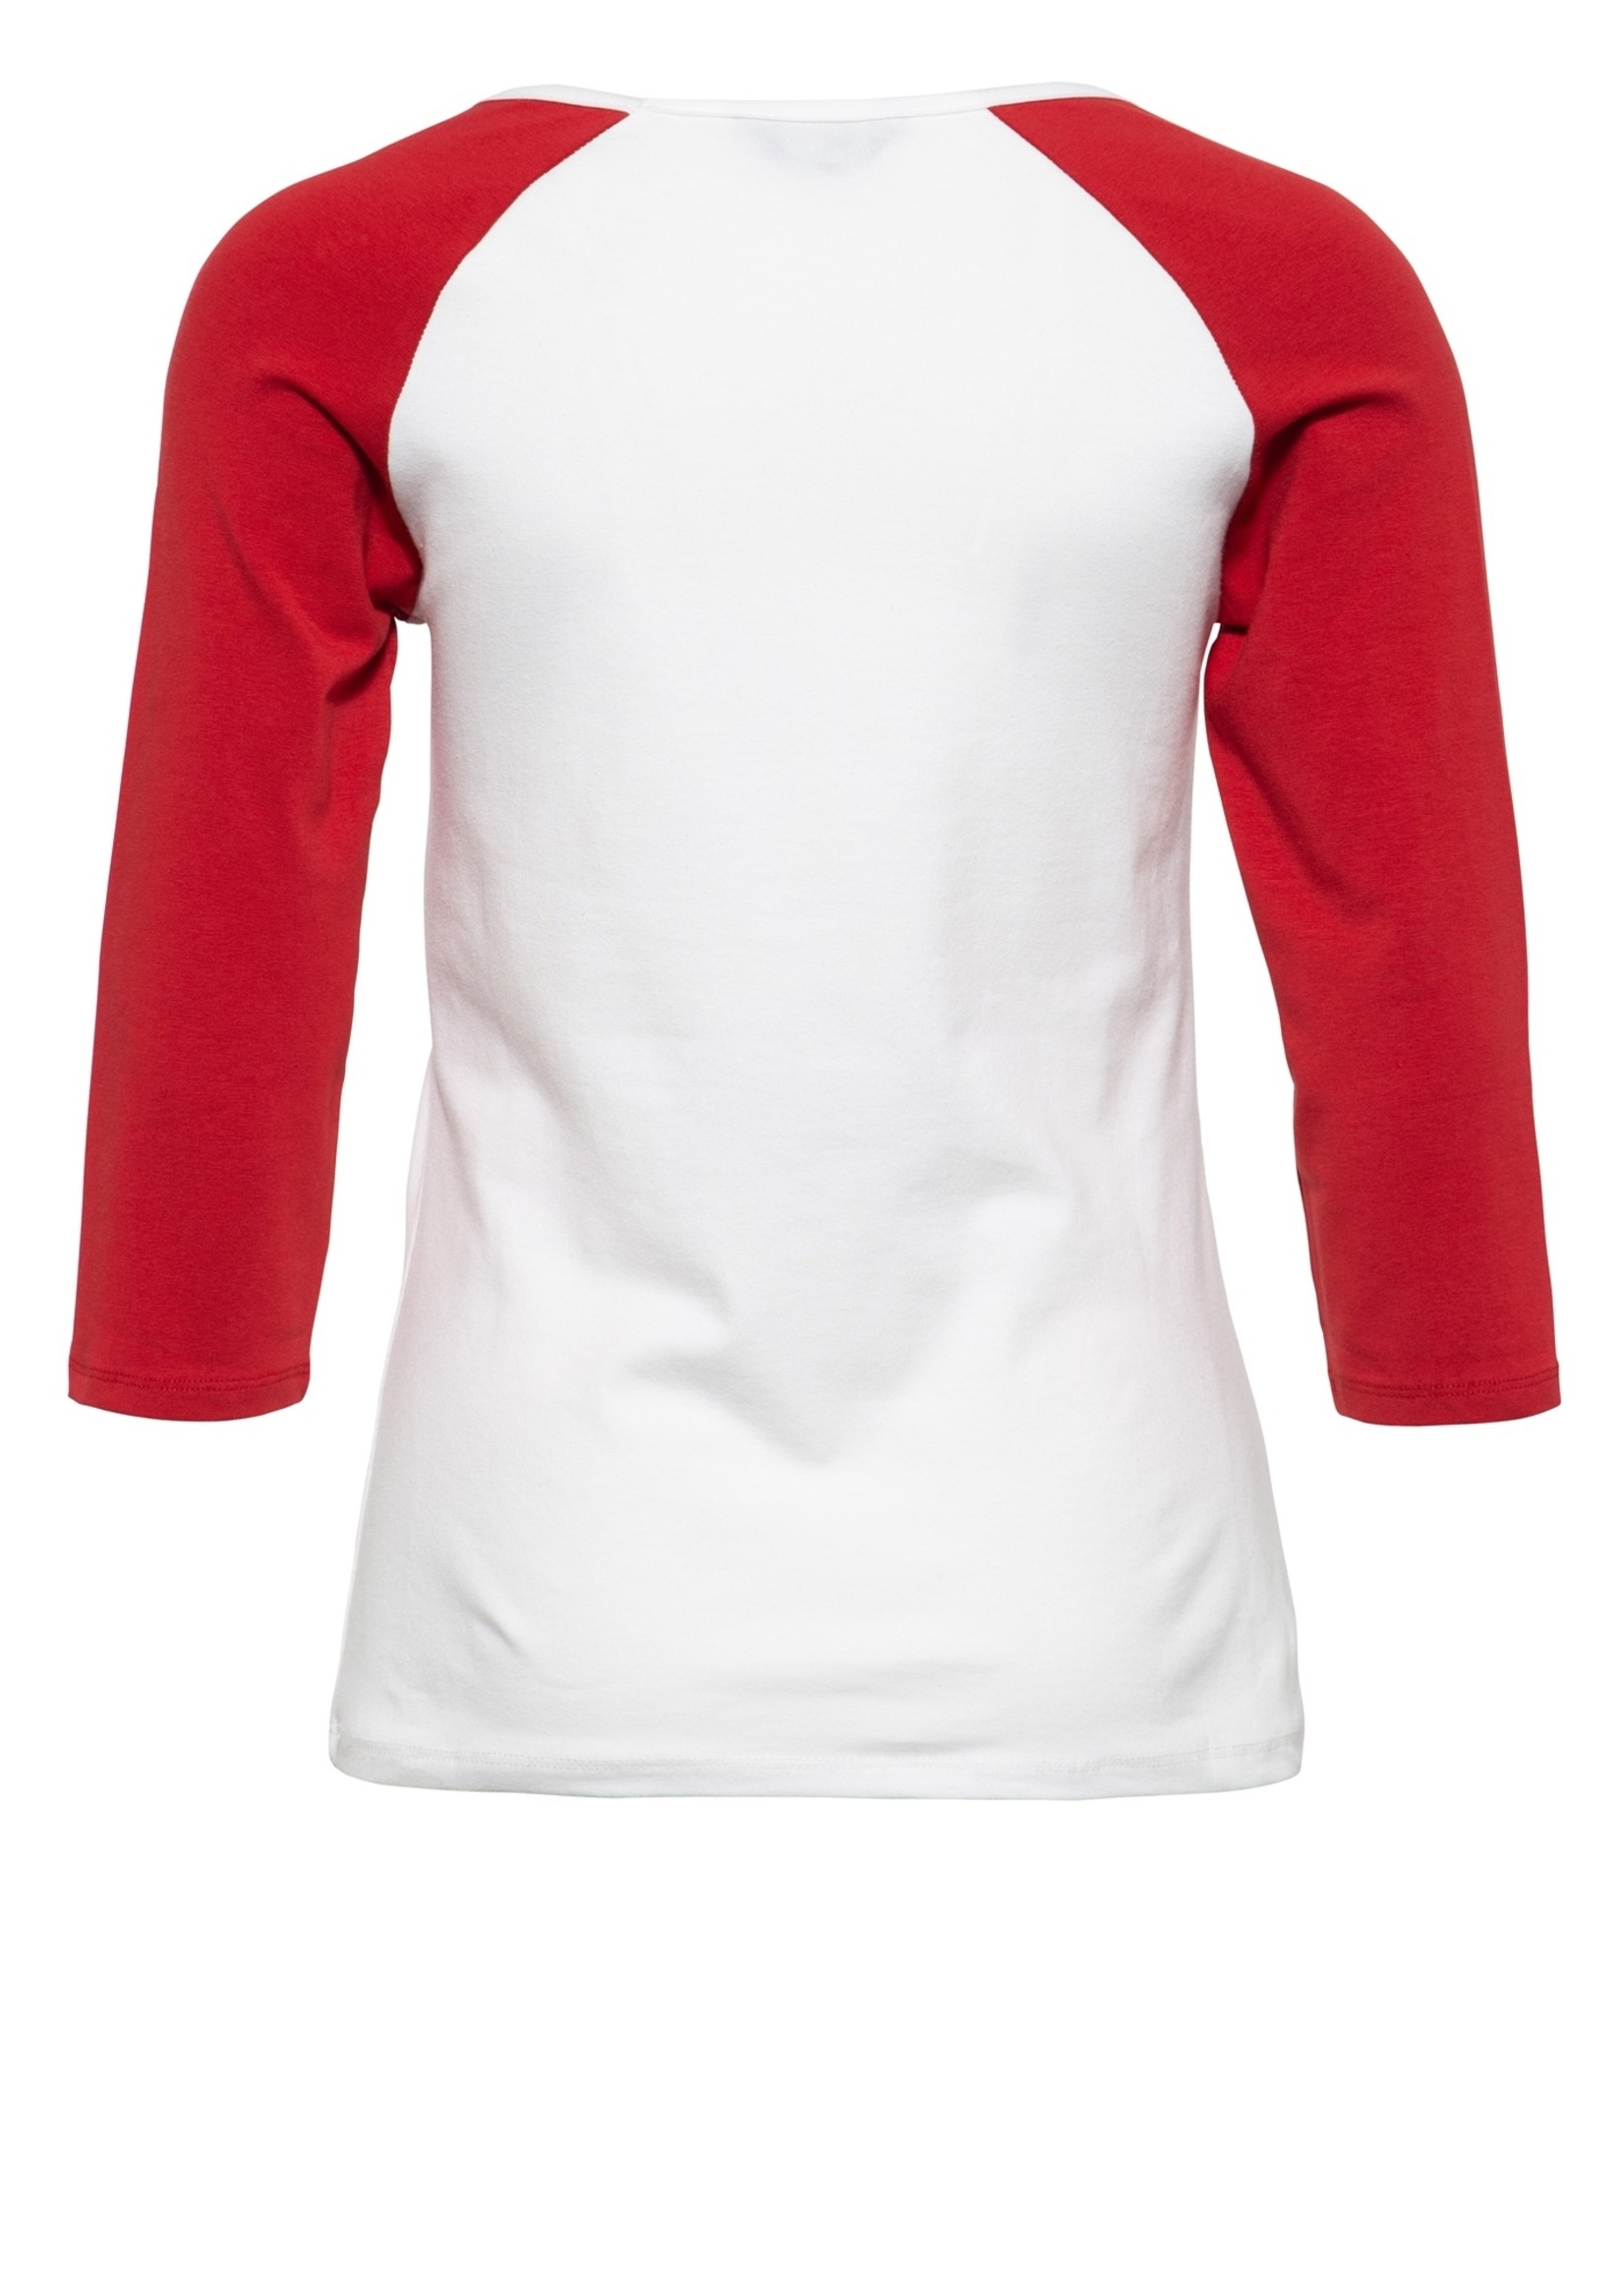 Queen Kerosin Queen Kerosin 50s Holy Queen Offwhite and Red T-shirt